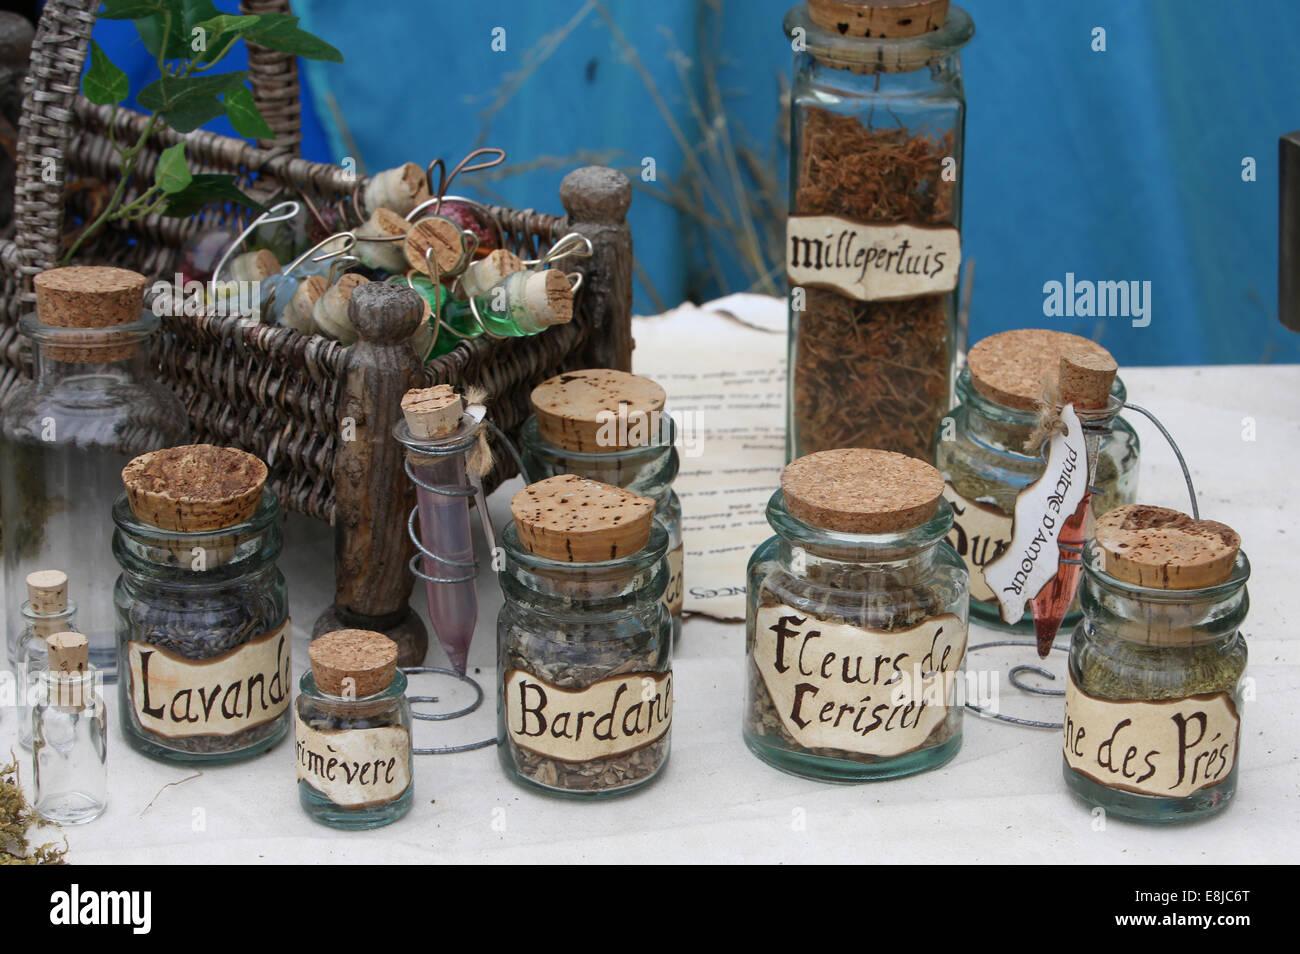 Le commerce des herbes. La production d'herboriste. Photo Stock